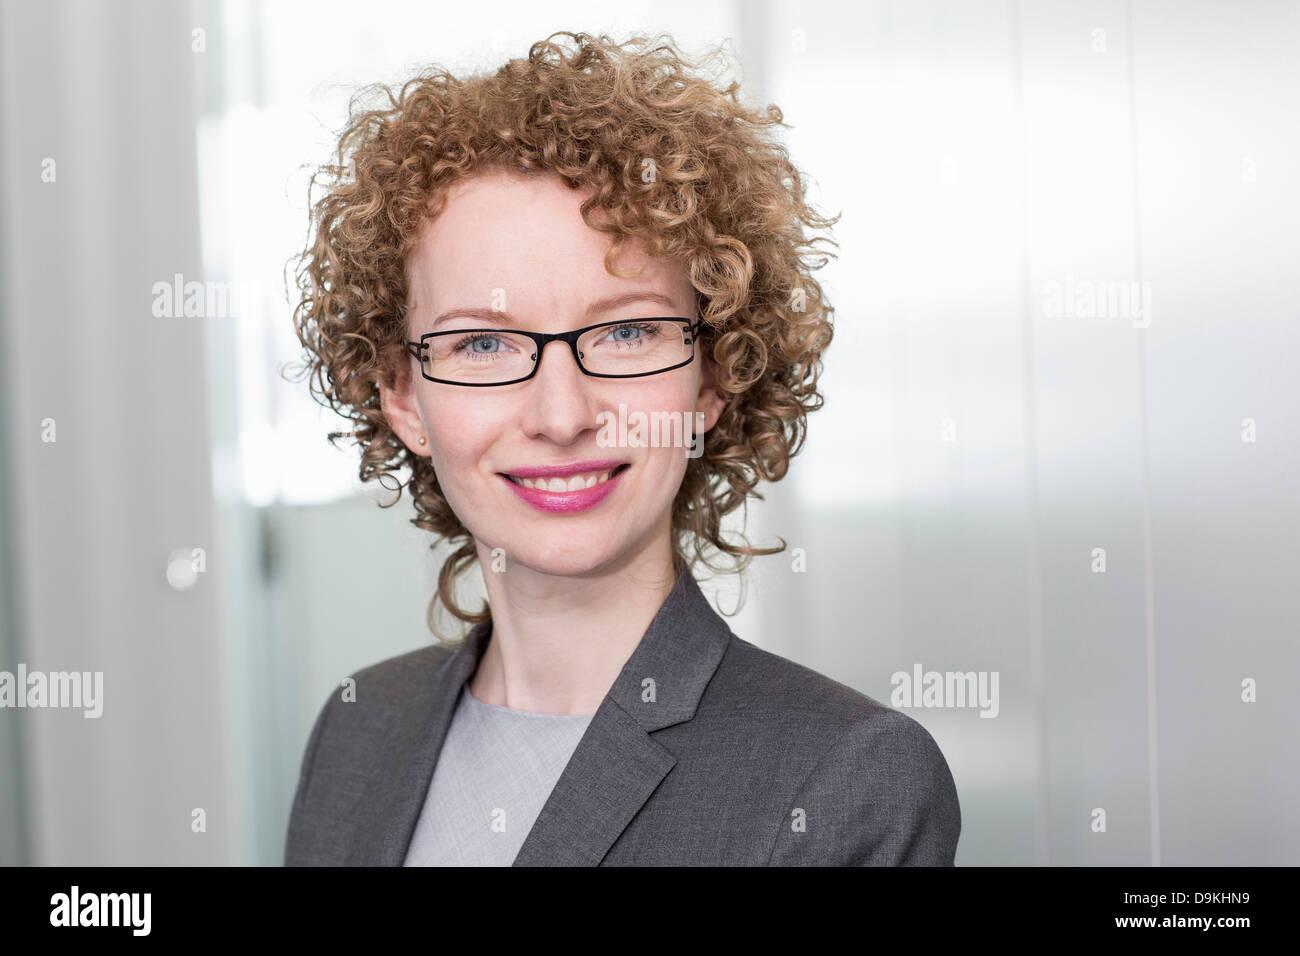 Retrato de la empresaria con el pelo rizado Imagen De Stock